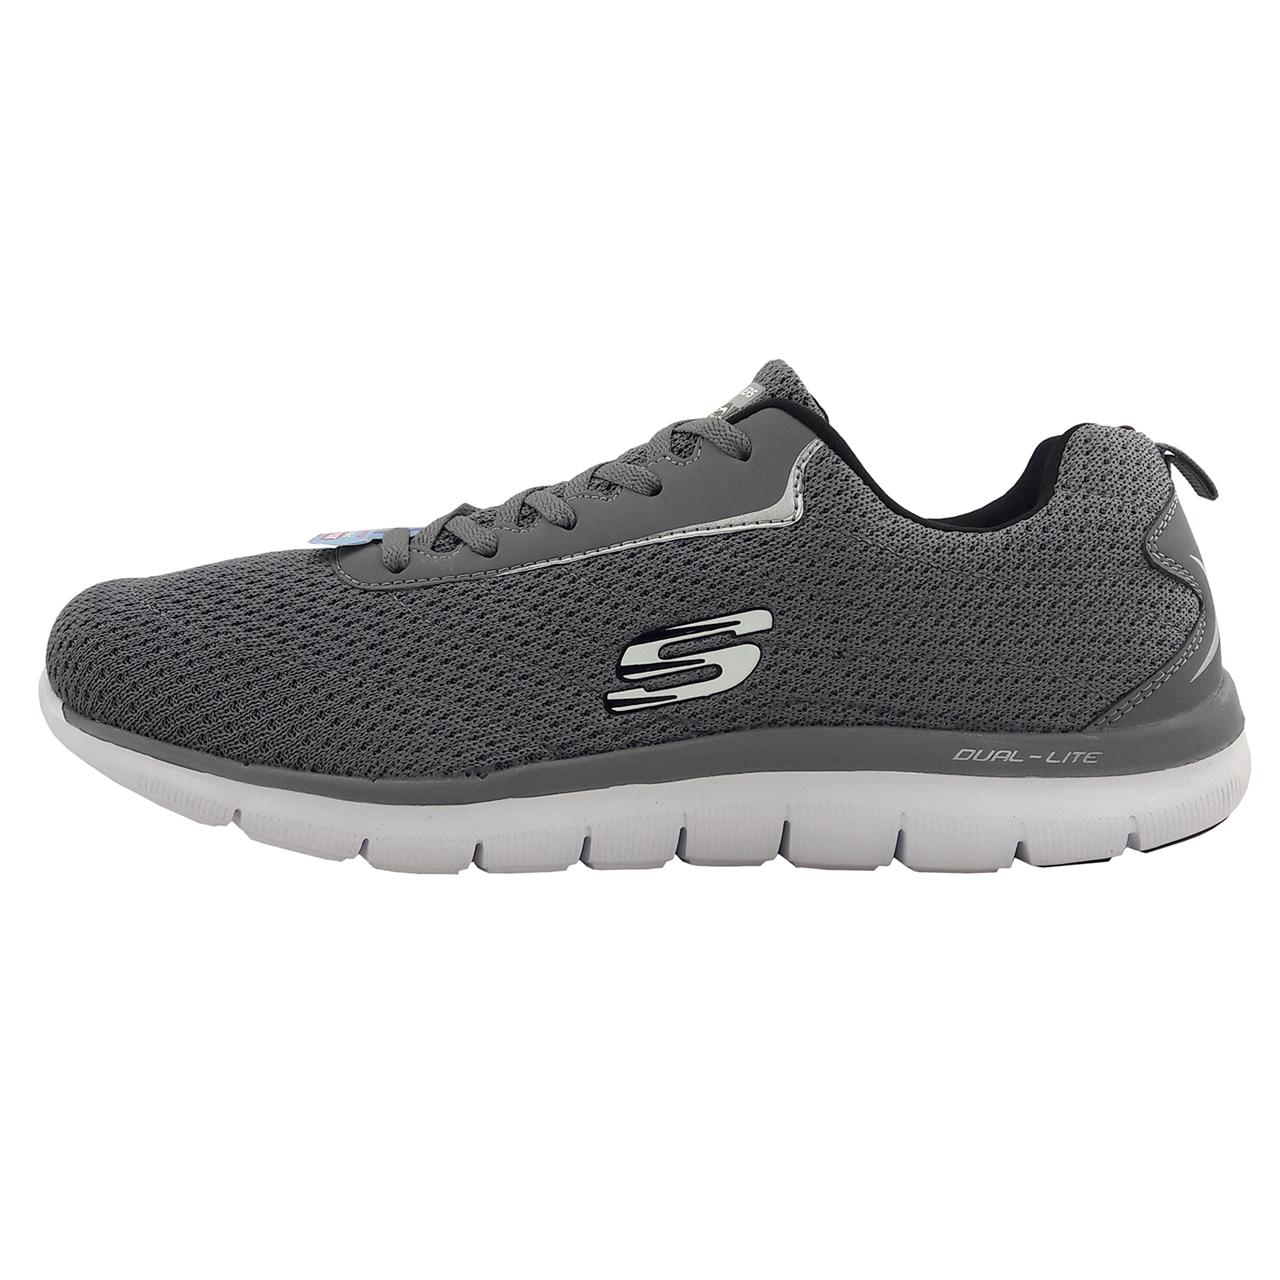 خرید                      کفش مخصوص پیاده روی مردانه اسکچرز مدل Go walk              👟